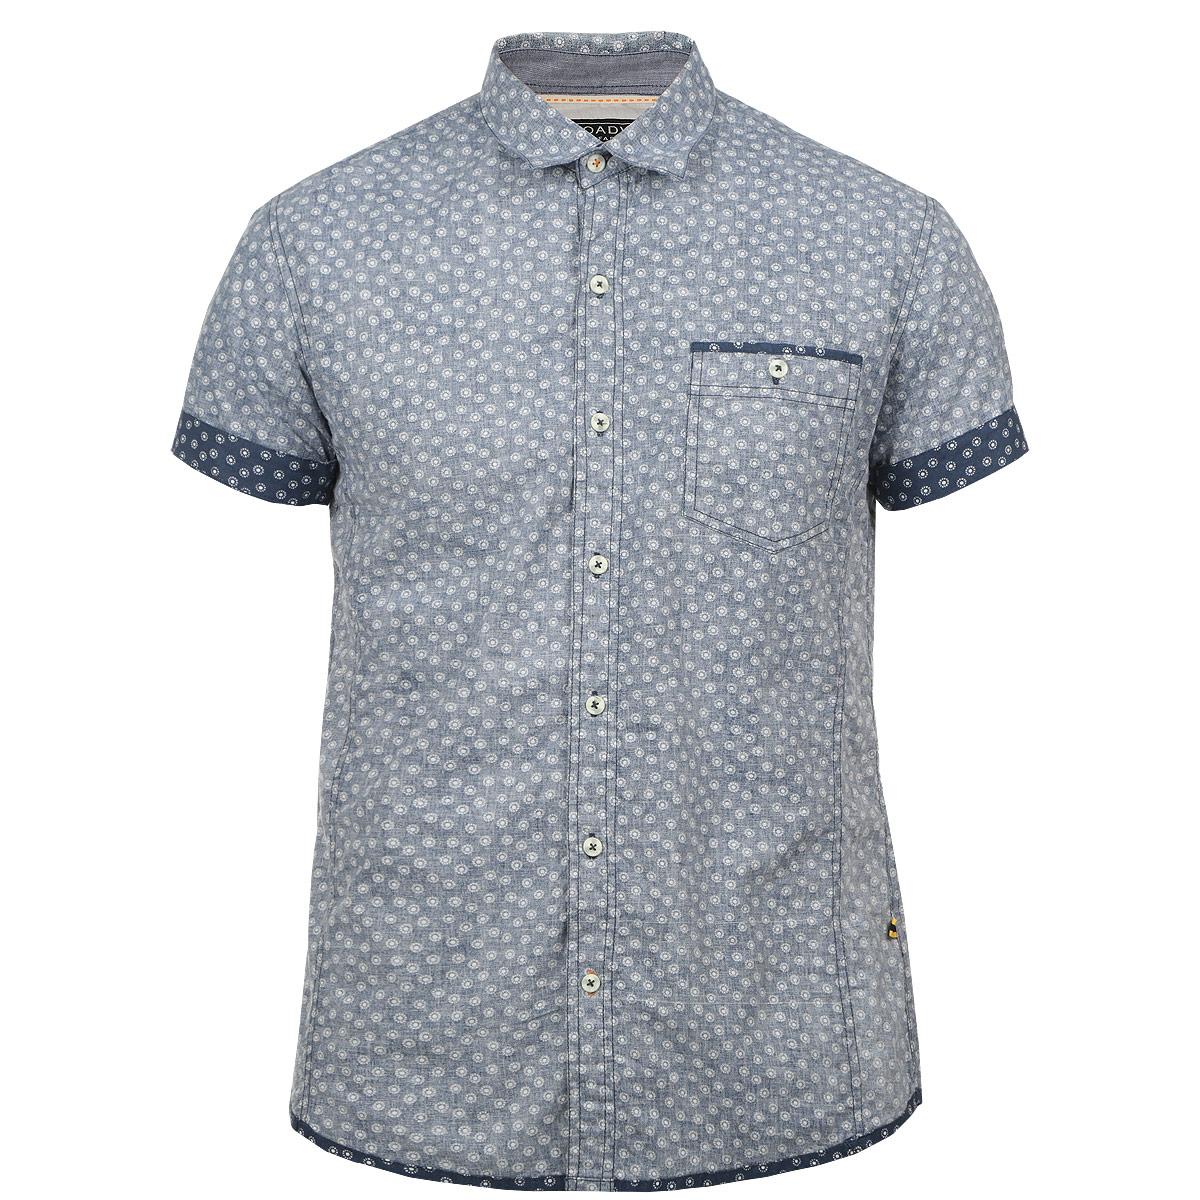 10152560 51AОтличная мужская рубашка Broadway с принтом, выполненная из хлопка, обладает высокой теплопроводностью, воздухопроницаемостью и гигроскопичностью, позволяет коже дышать, тем самым обеспечивая наибольший комфорт при носке даже самым жарким летом. Рубашка приталенного кроя с короткими рукавами, полукруглым низом, отложным воротником застегивается на пуговицы. Рубашка дополнена на груди накладным карманом на пуговице. Такая рубашка будет дарить вам комфорт в течение всего дня и послужит замечательным дополнением к вашему летнему гардеробу.